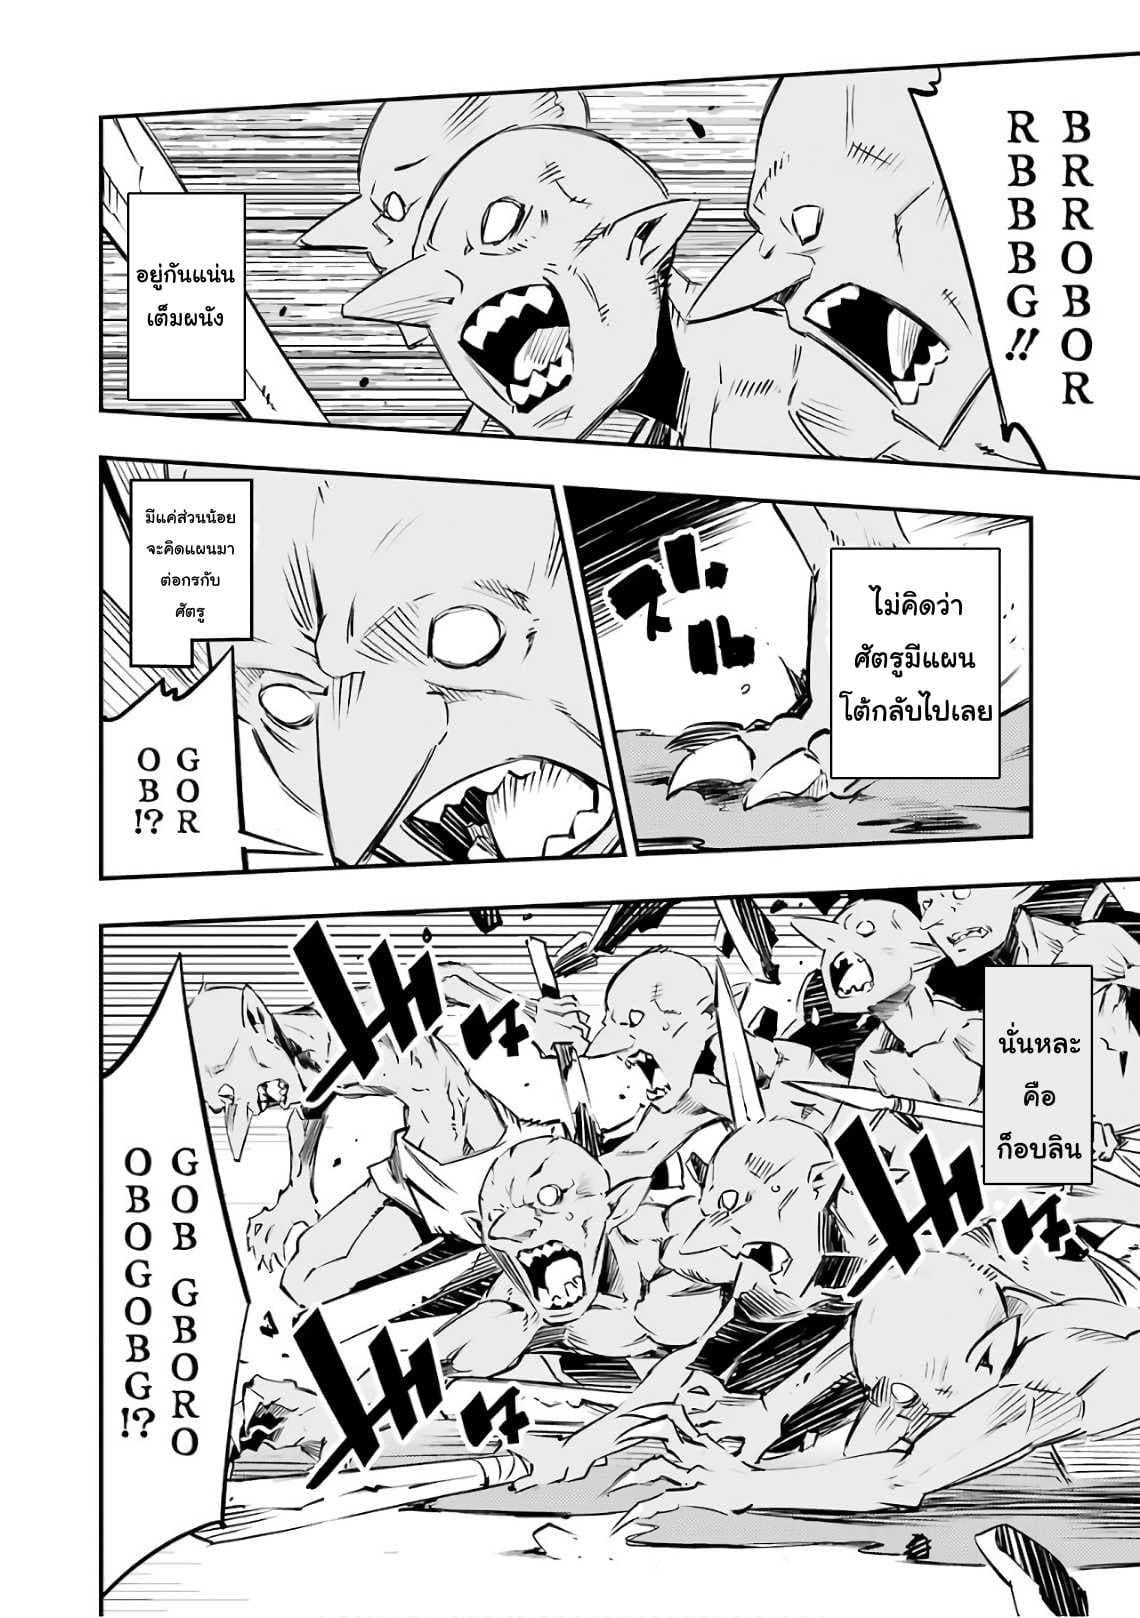 อ่านการ์ตูน Goblin Slayer Brand New Day ตอนที่ 4 หน้าที่ 26